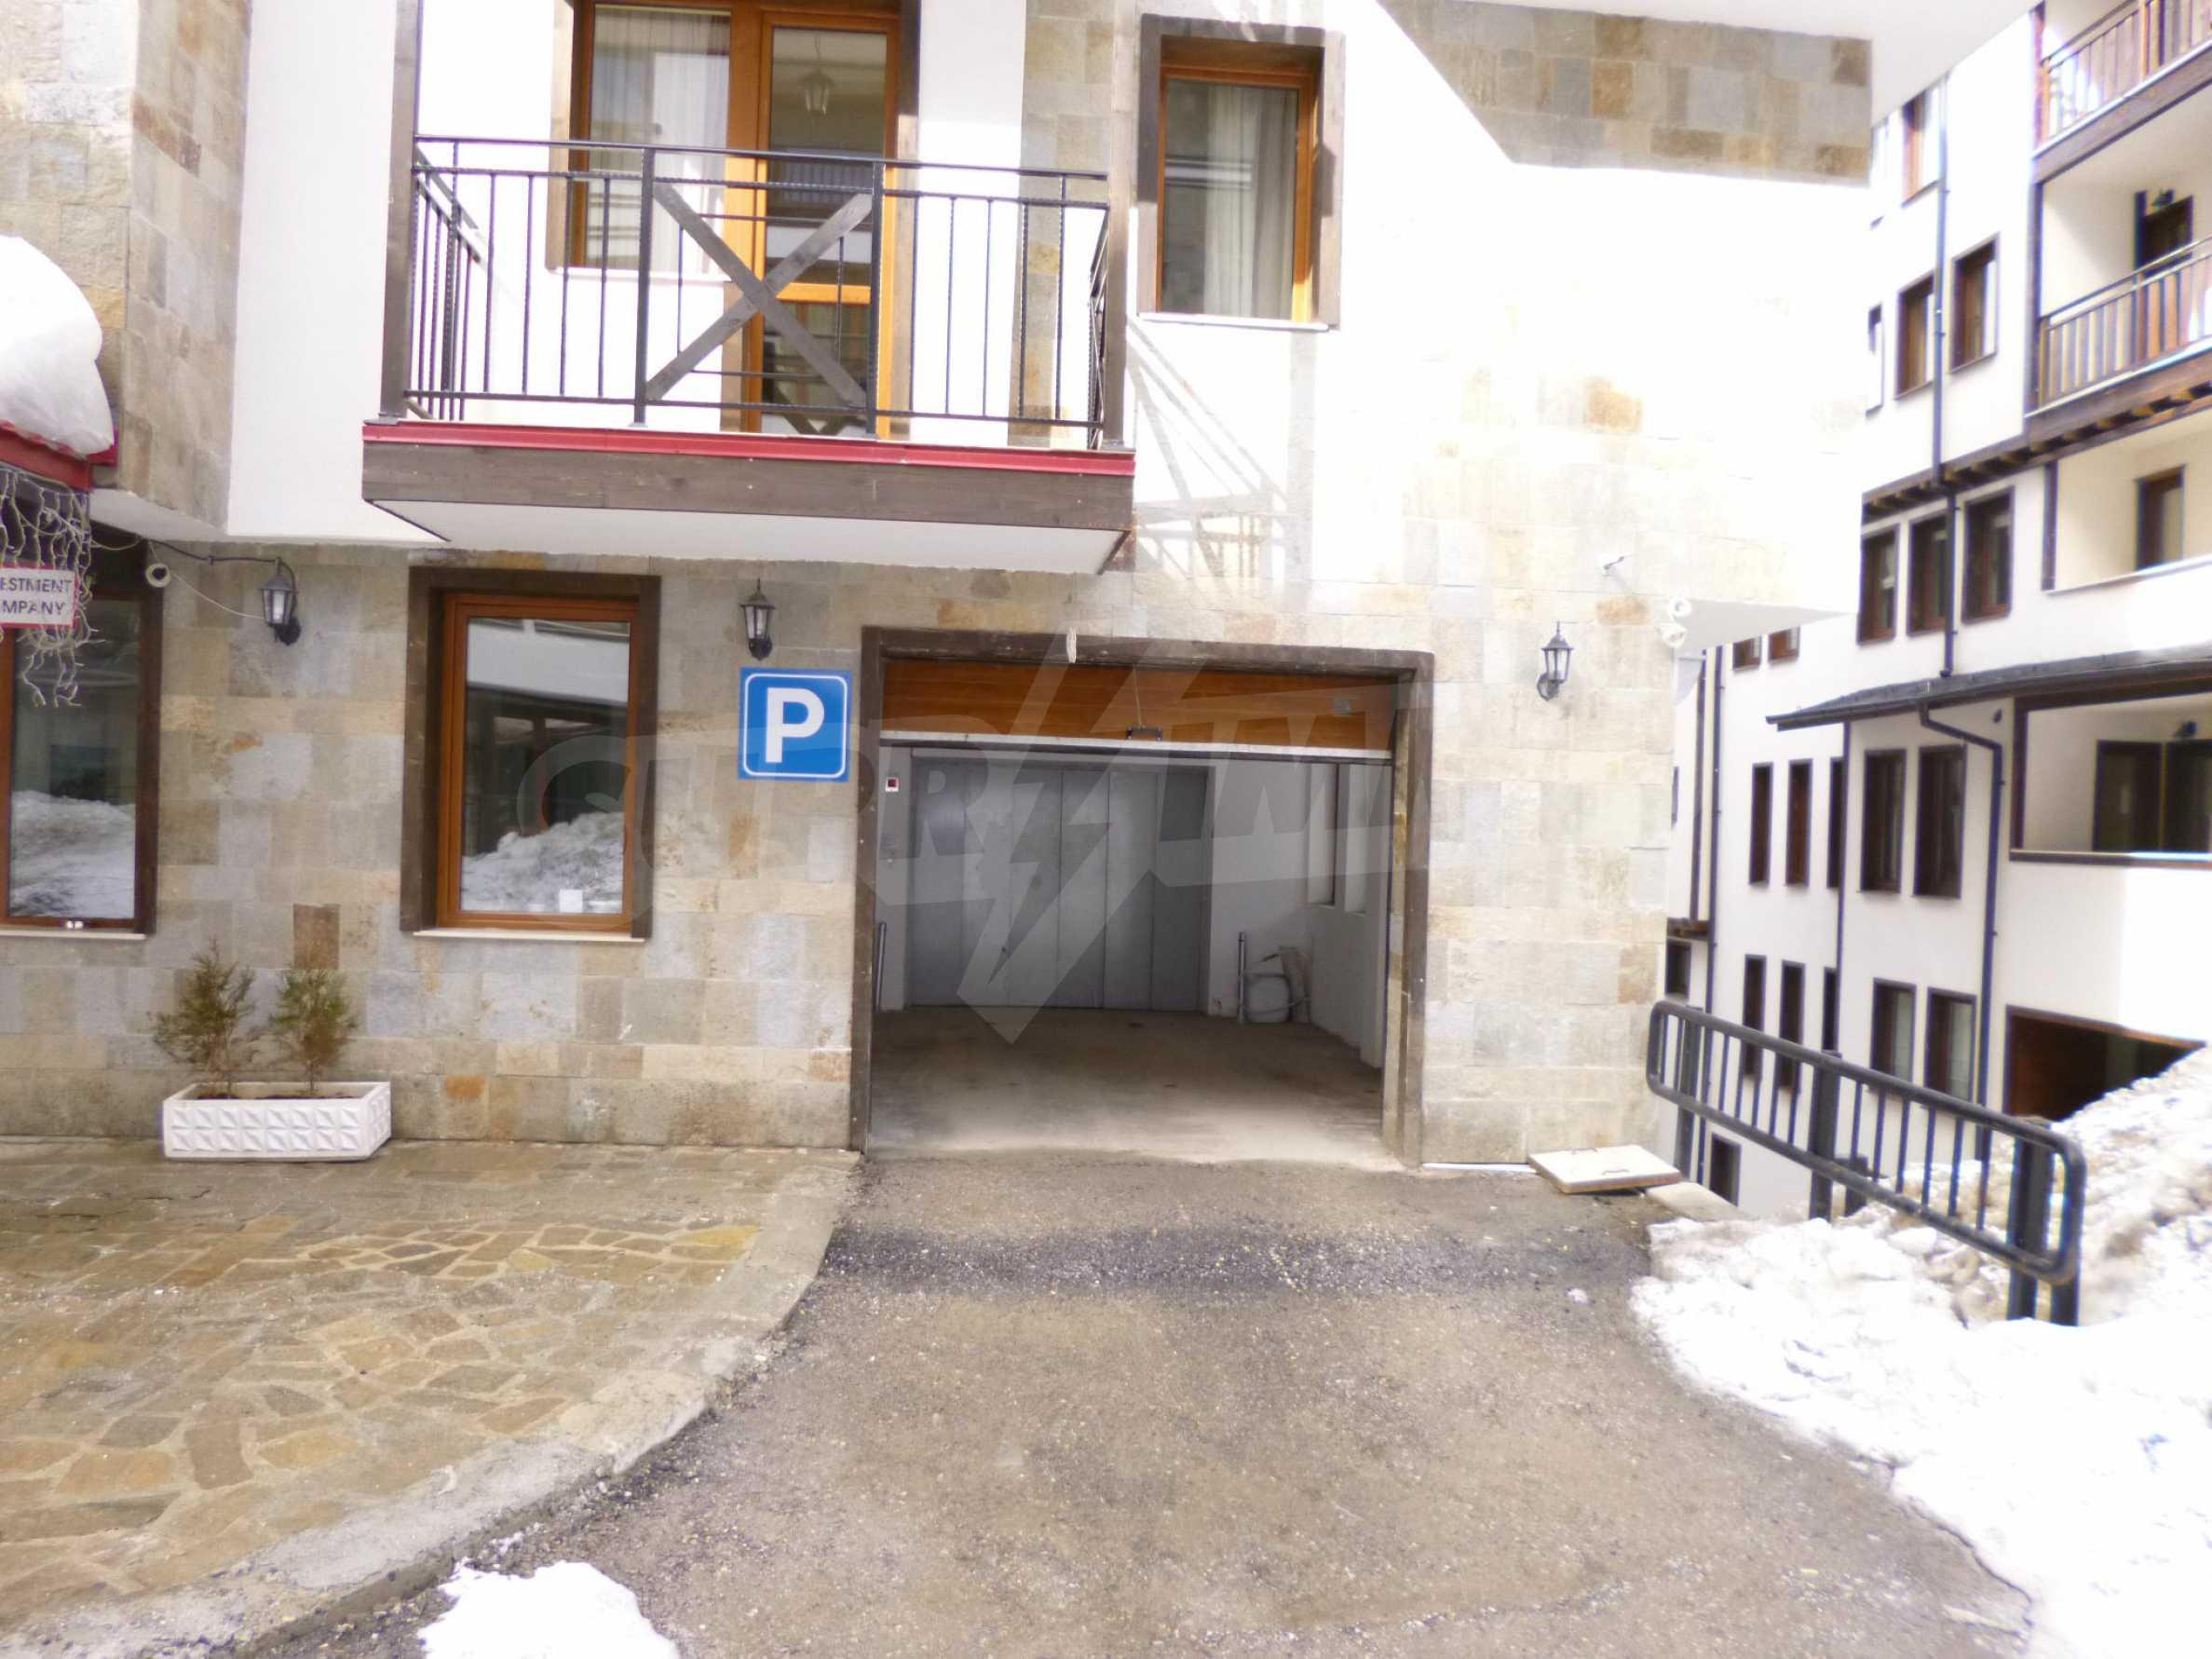 Hervorragend möbliertes Anwesen im Schlosshotel 19